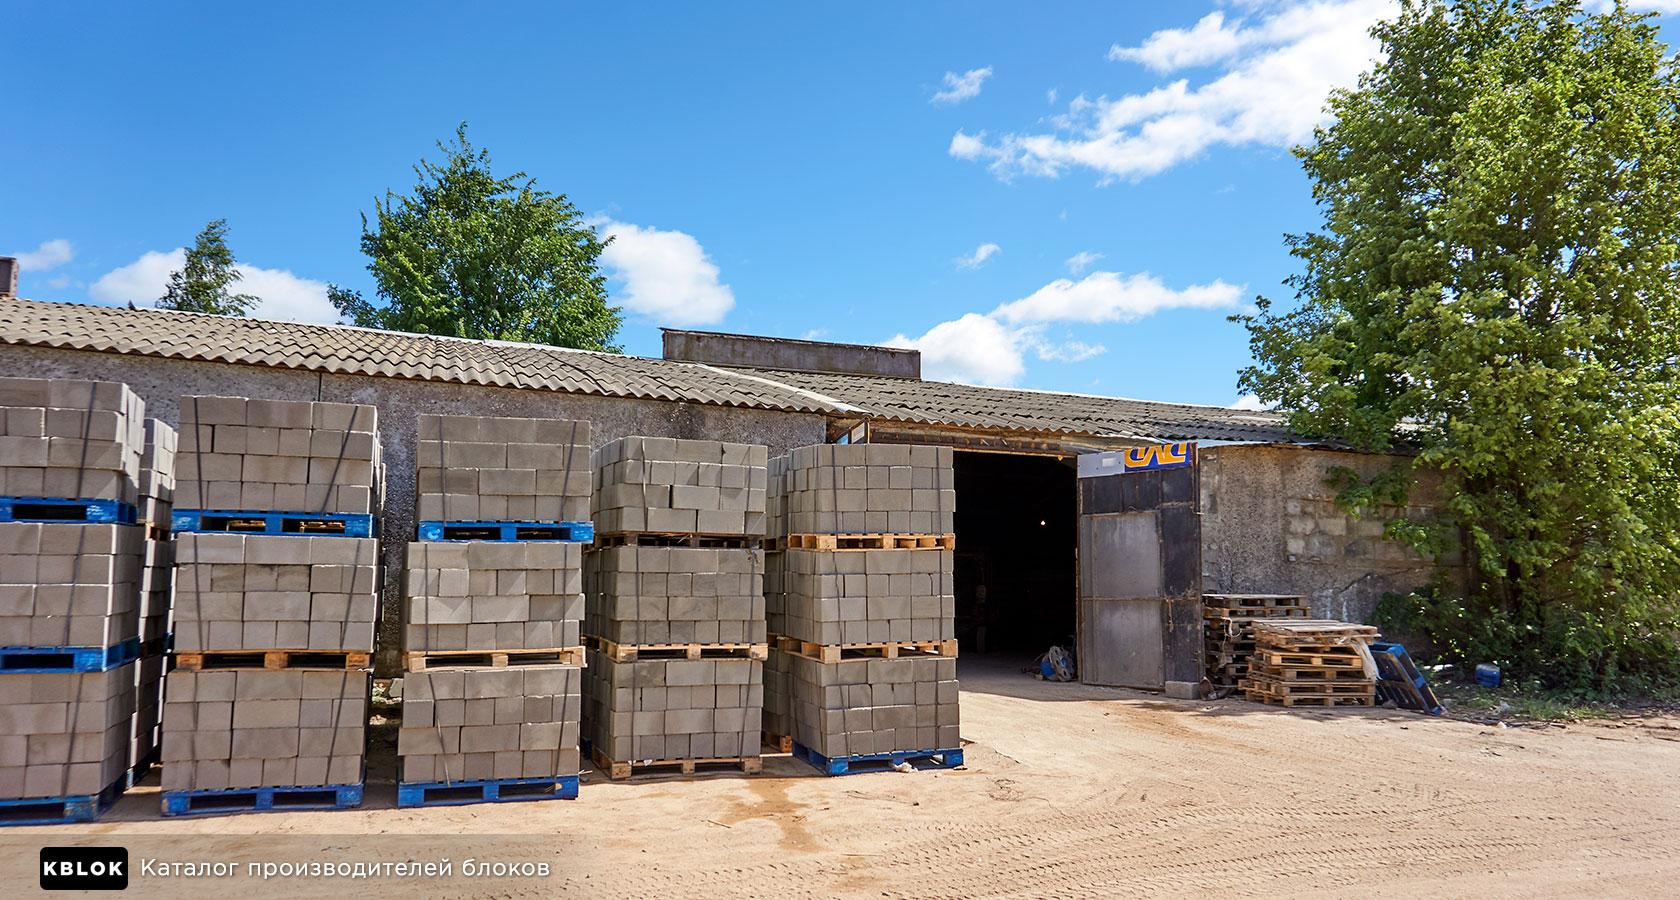 керамзитобетонные блоки в Солнечногорском районе Московской области